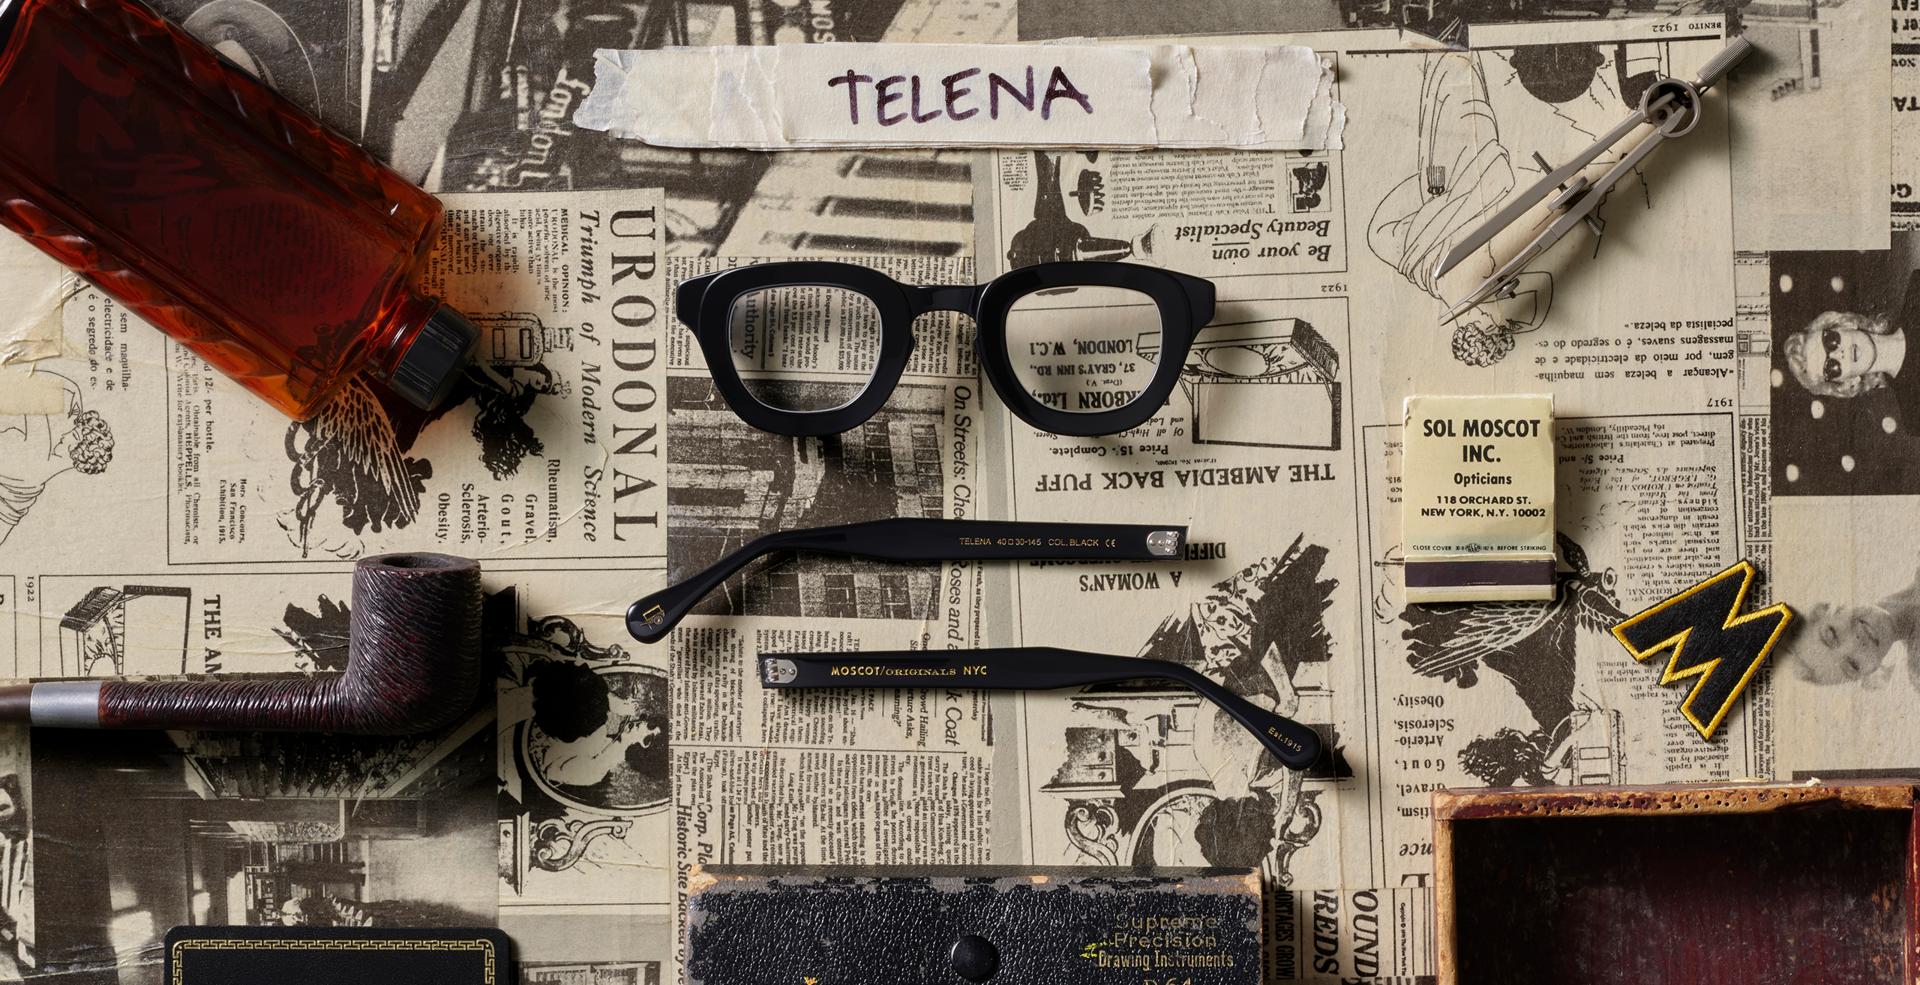 TELENA